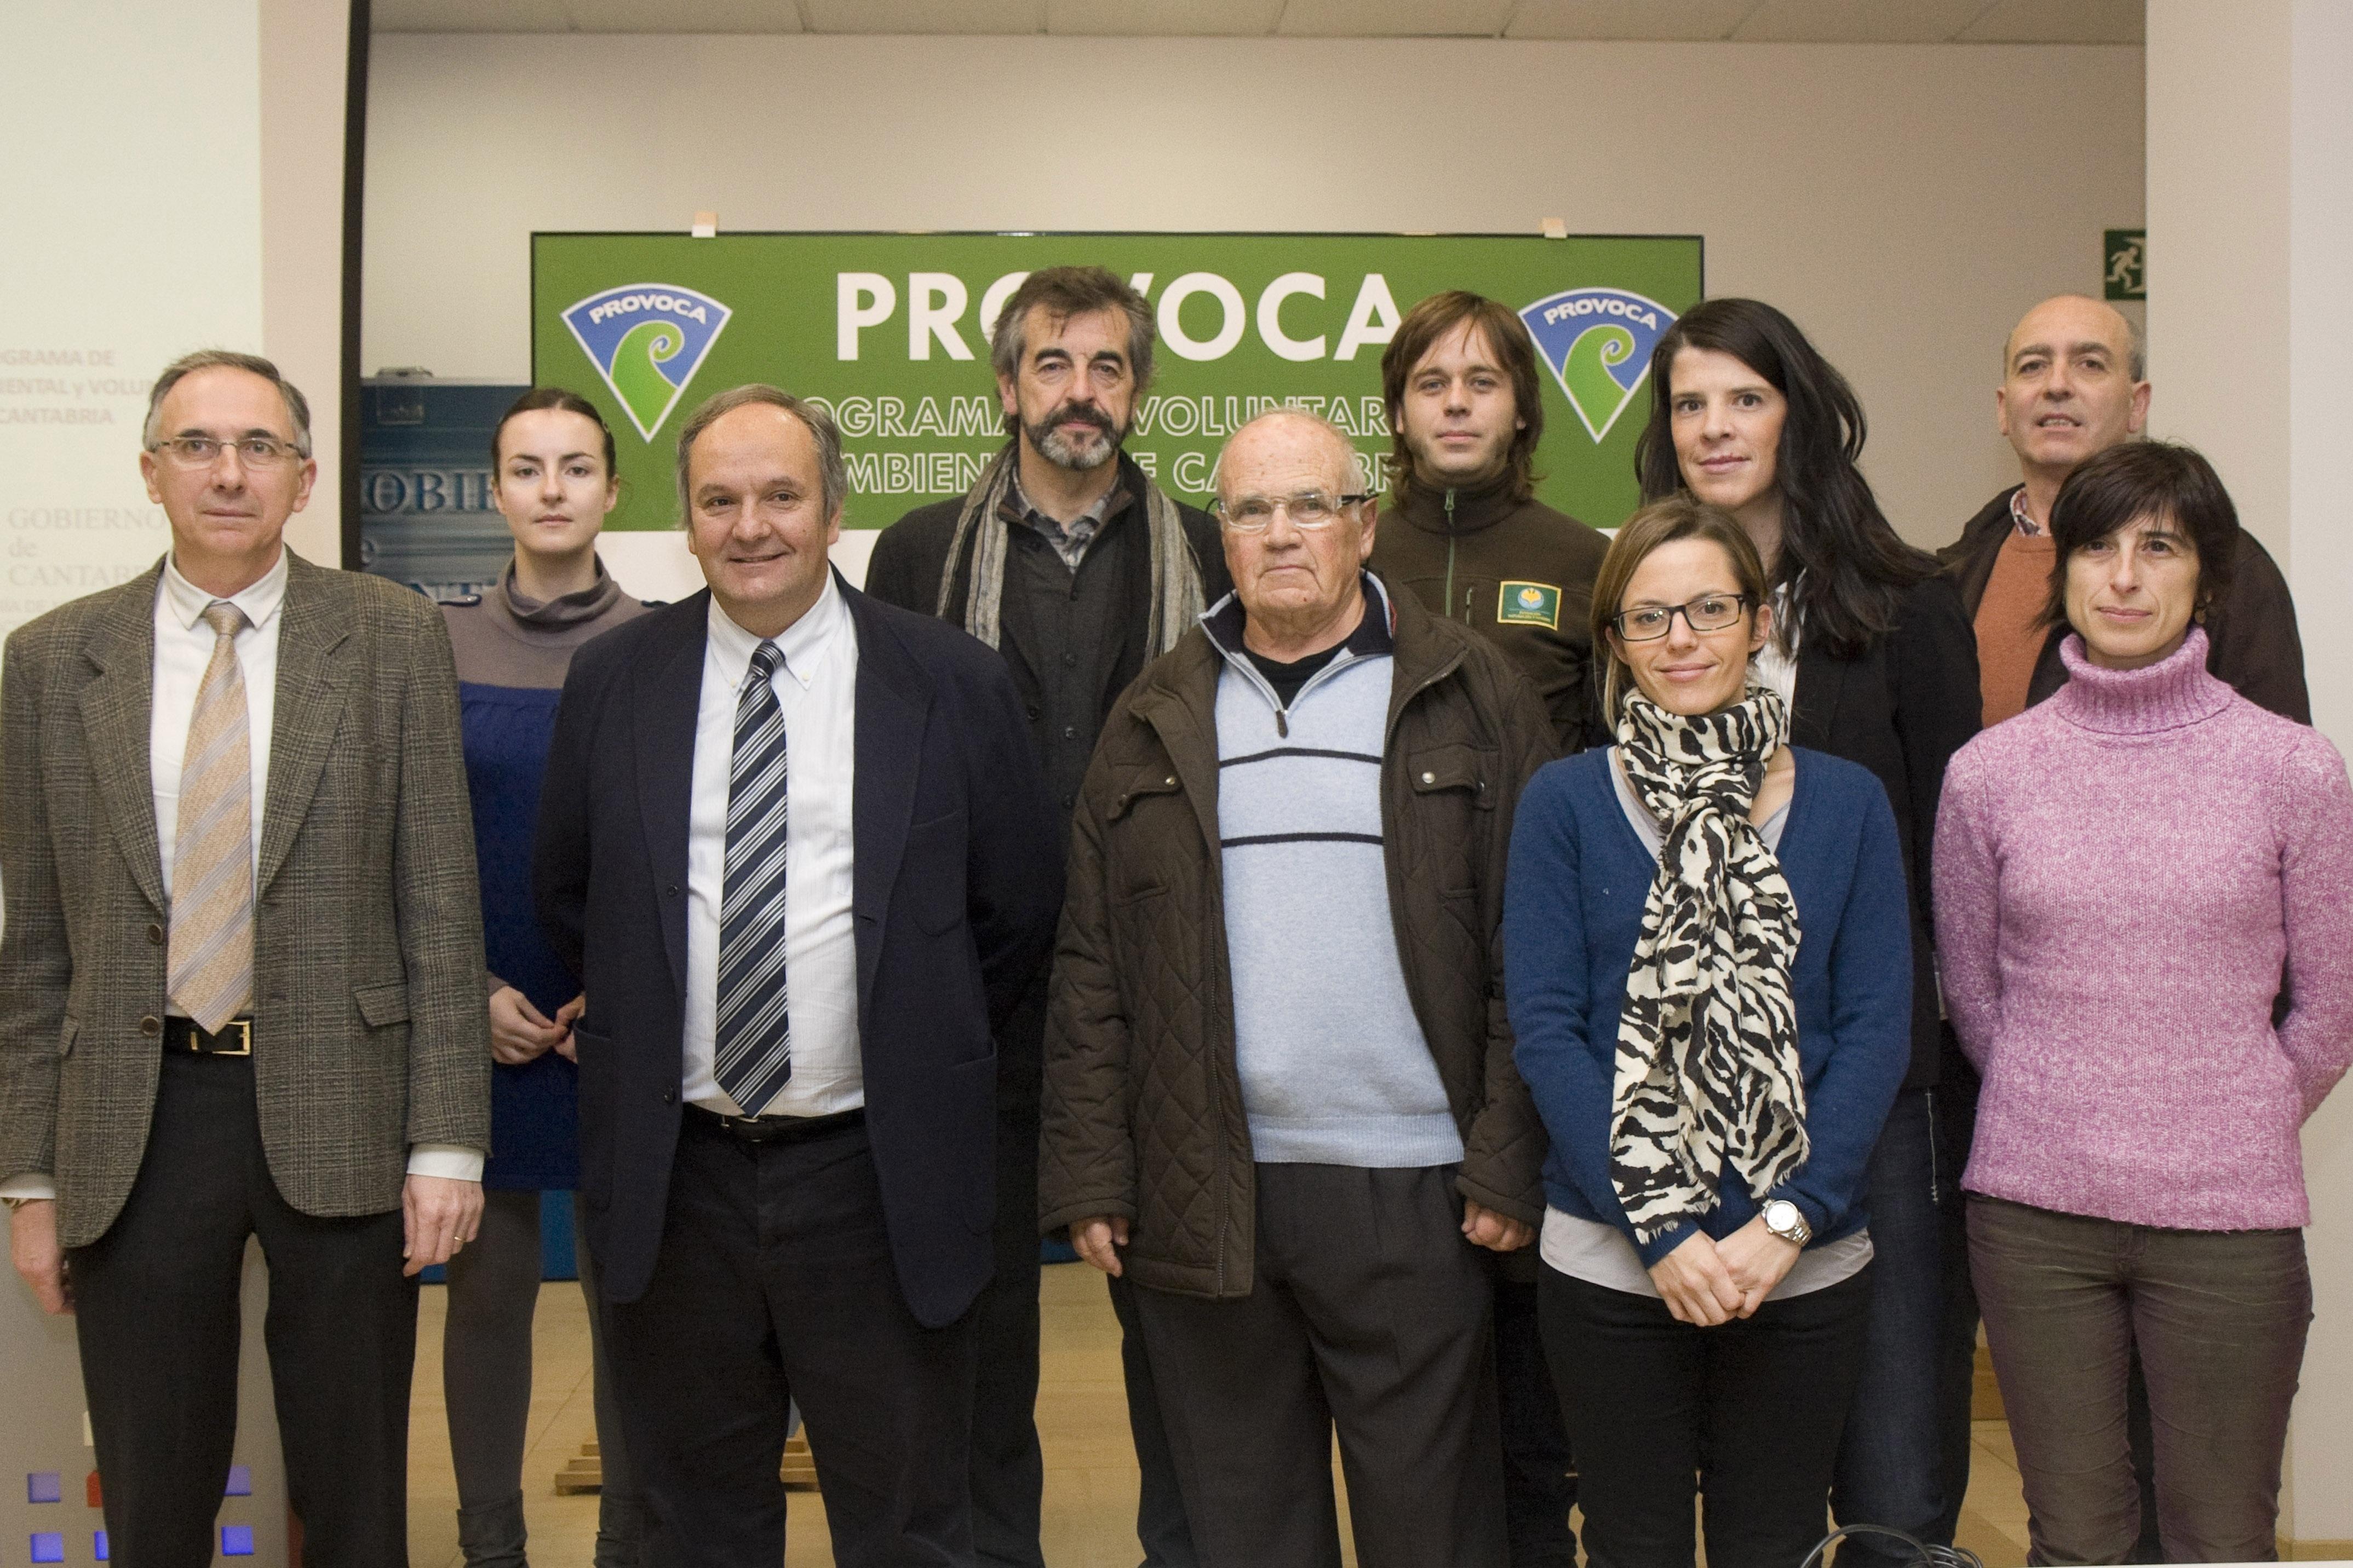 Once asociaciones colaborarán este año en el programa de voluntariado ambiental PROVOCA, con Ruth Beitia como madrina